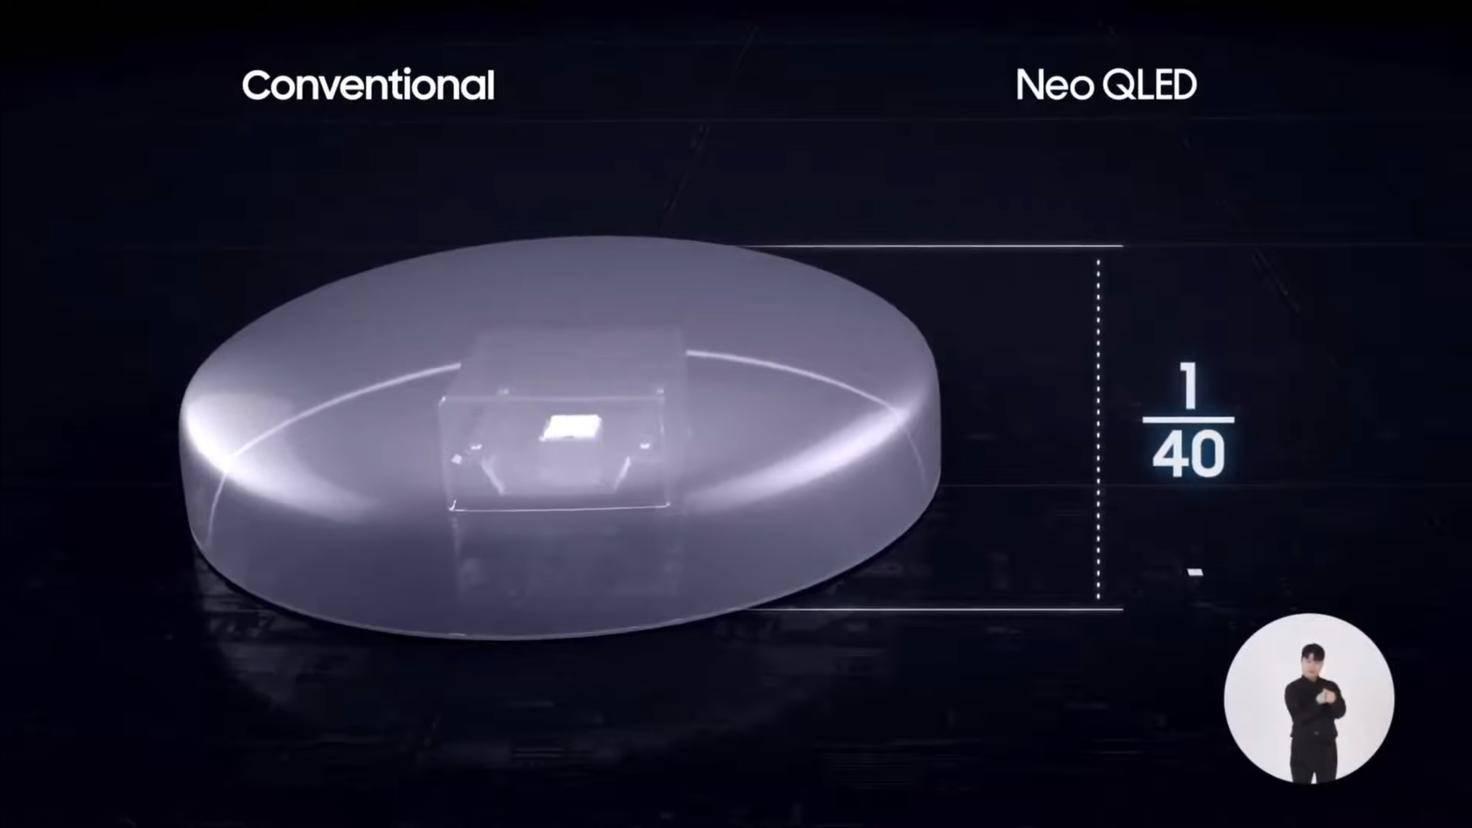 samsung-neo-qled-size-leds-mini